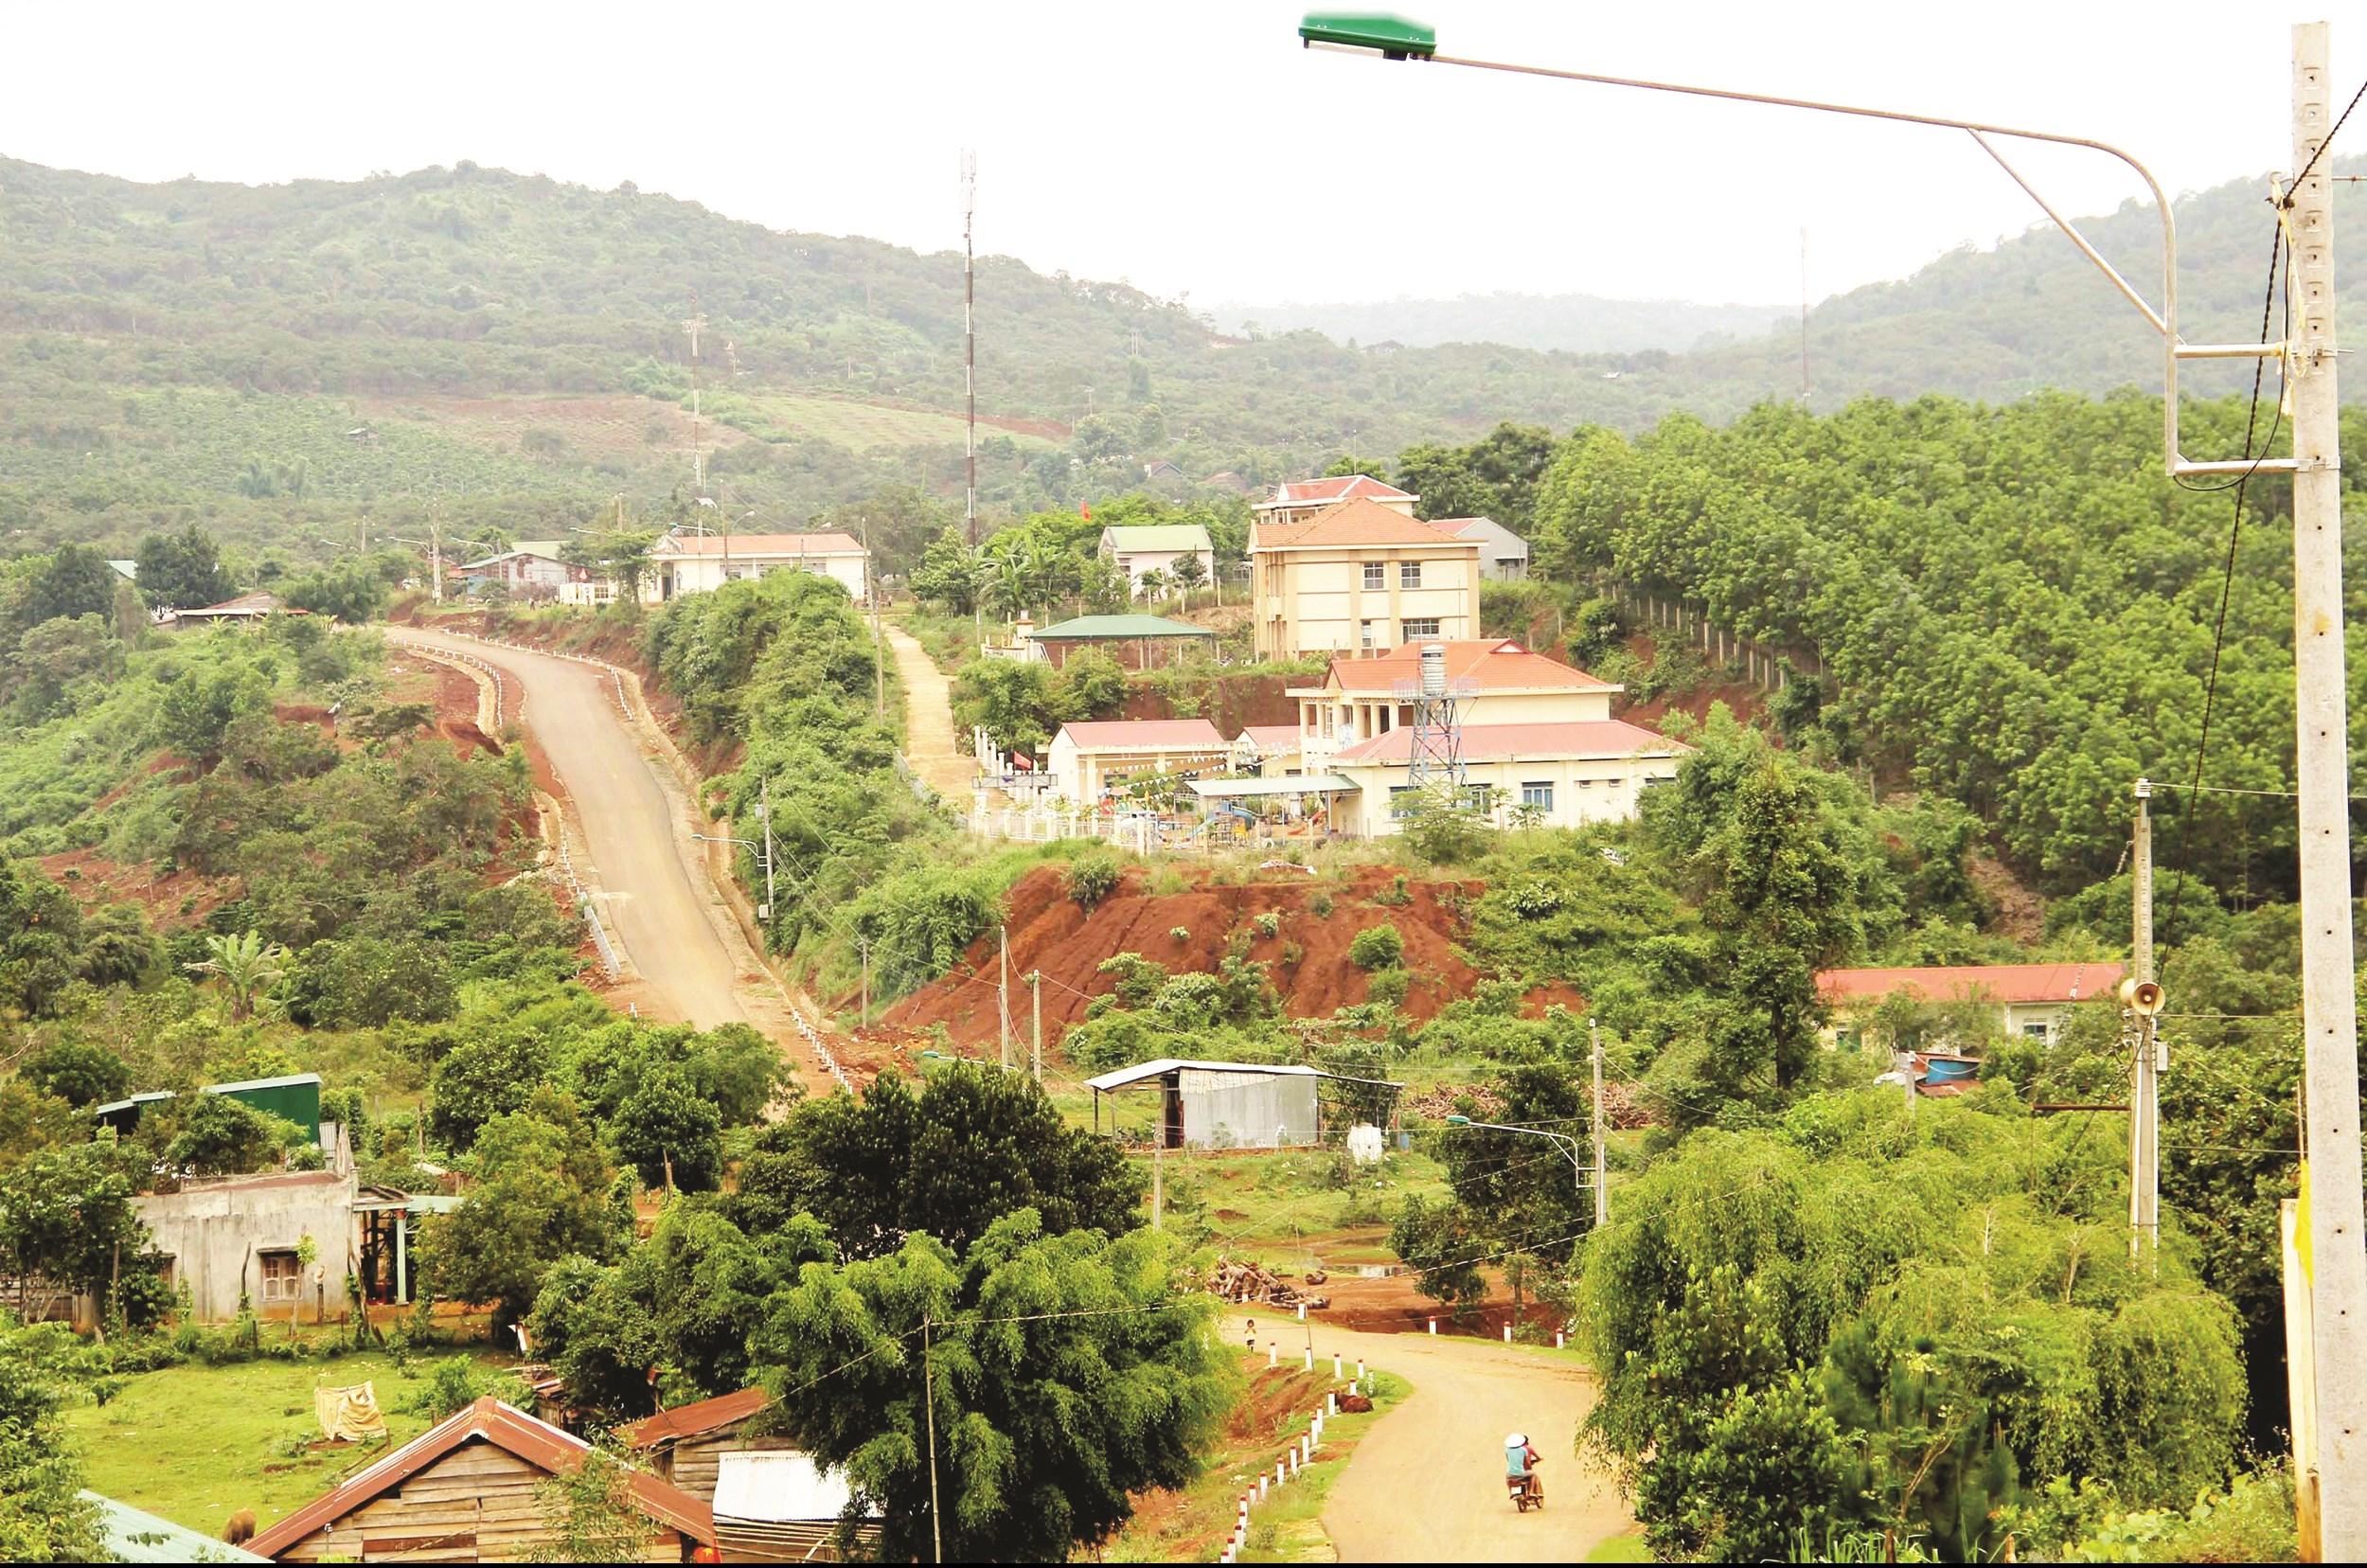 Một góc xã Đồng Nai Thượng, huyện Cát Tiên, tỉnh Lâm Đồng (Vùng căn cứ thuộc chiến khu D trong kháng chiến chống Mỹ) hôm nay.